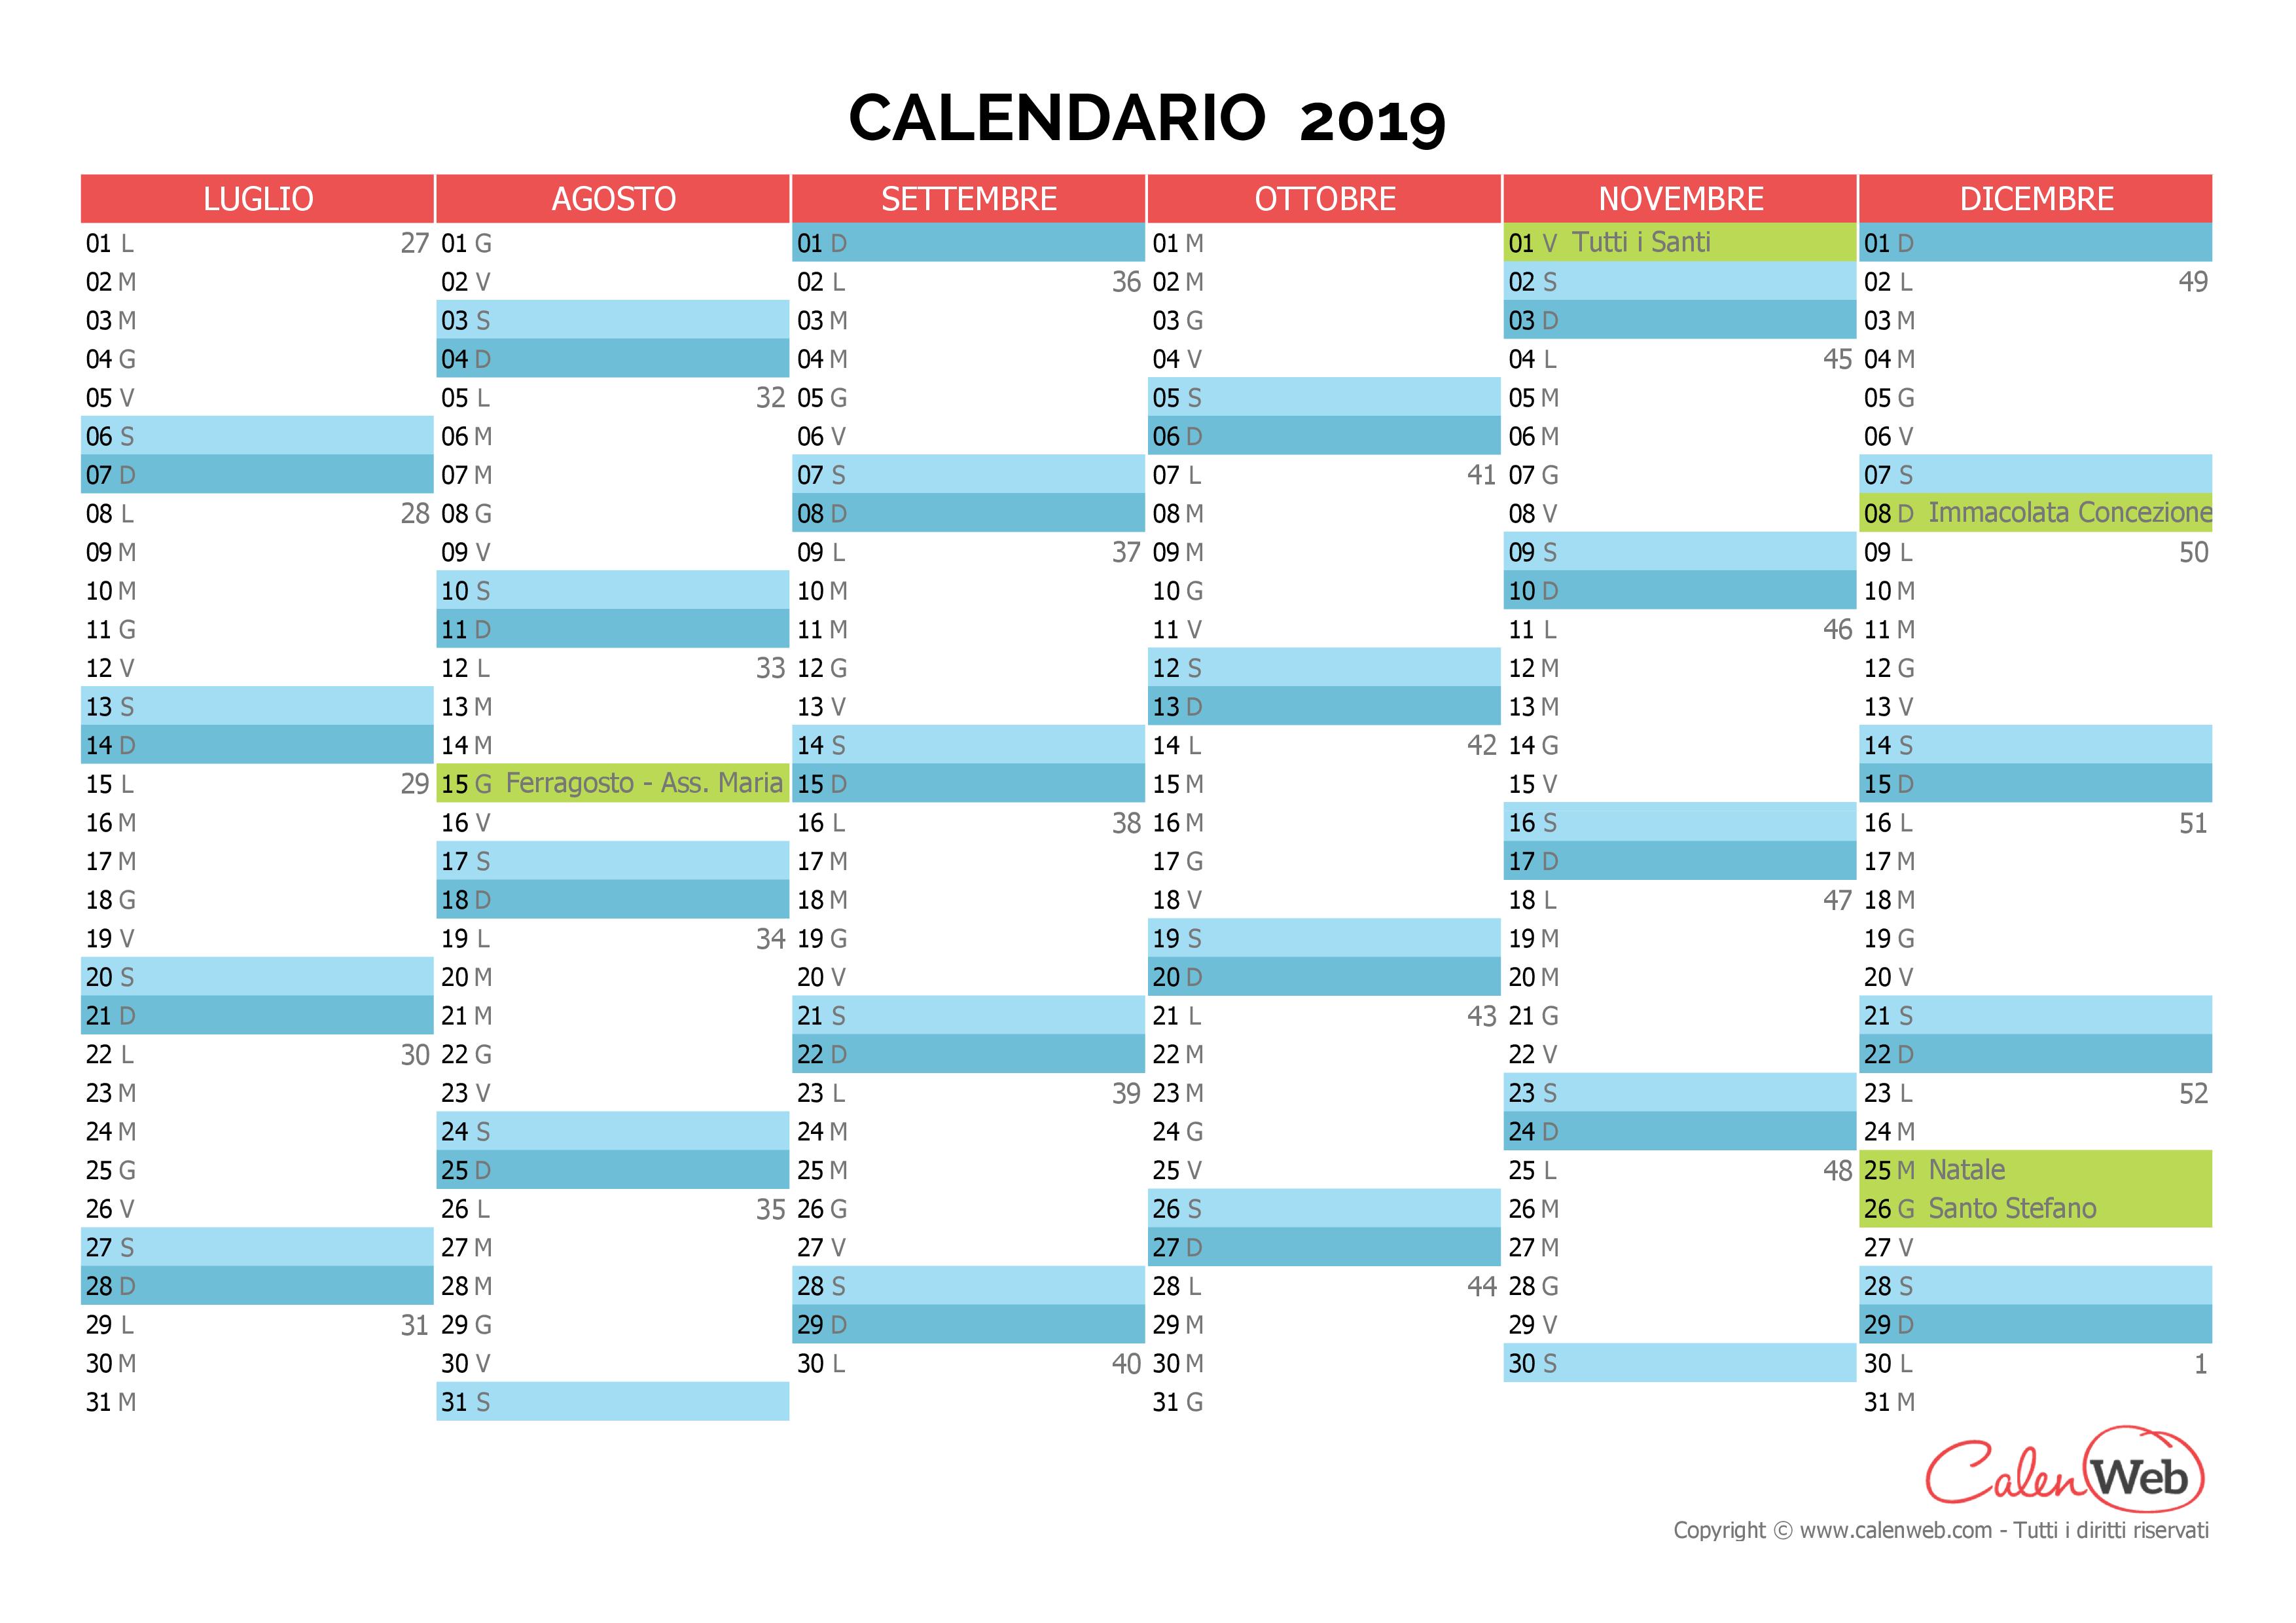 Calendario 31 Luglio 2019.Calendario Semestrale Anno 2019 Con Le Festivita Italiane